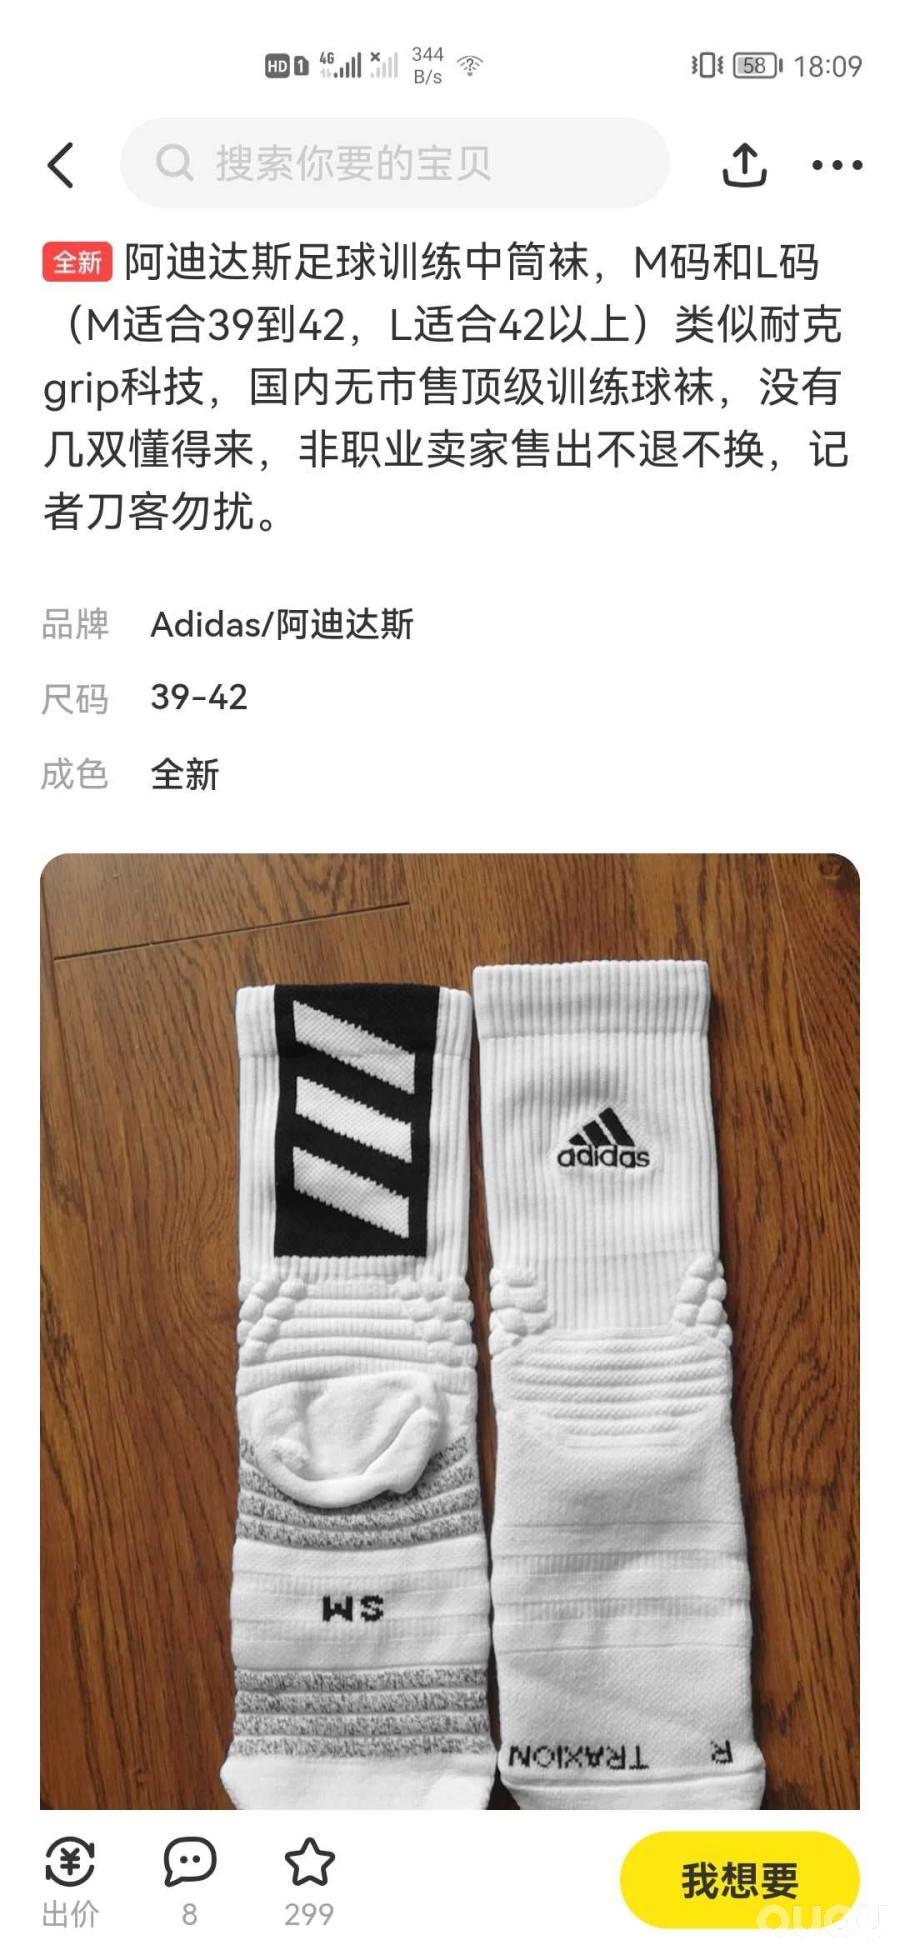 这袜子怎么样